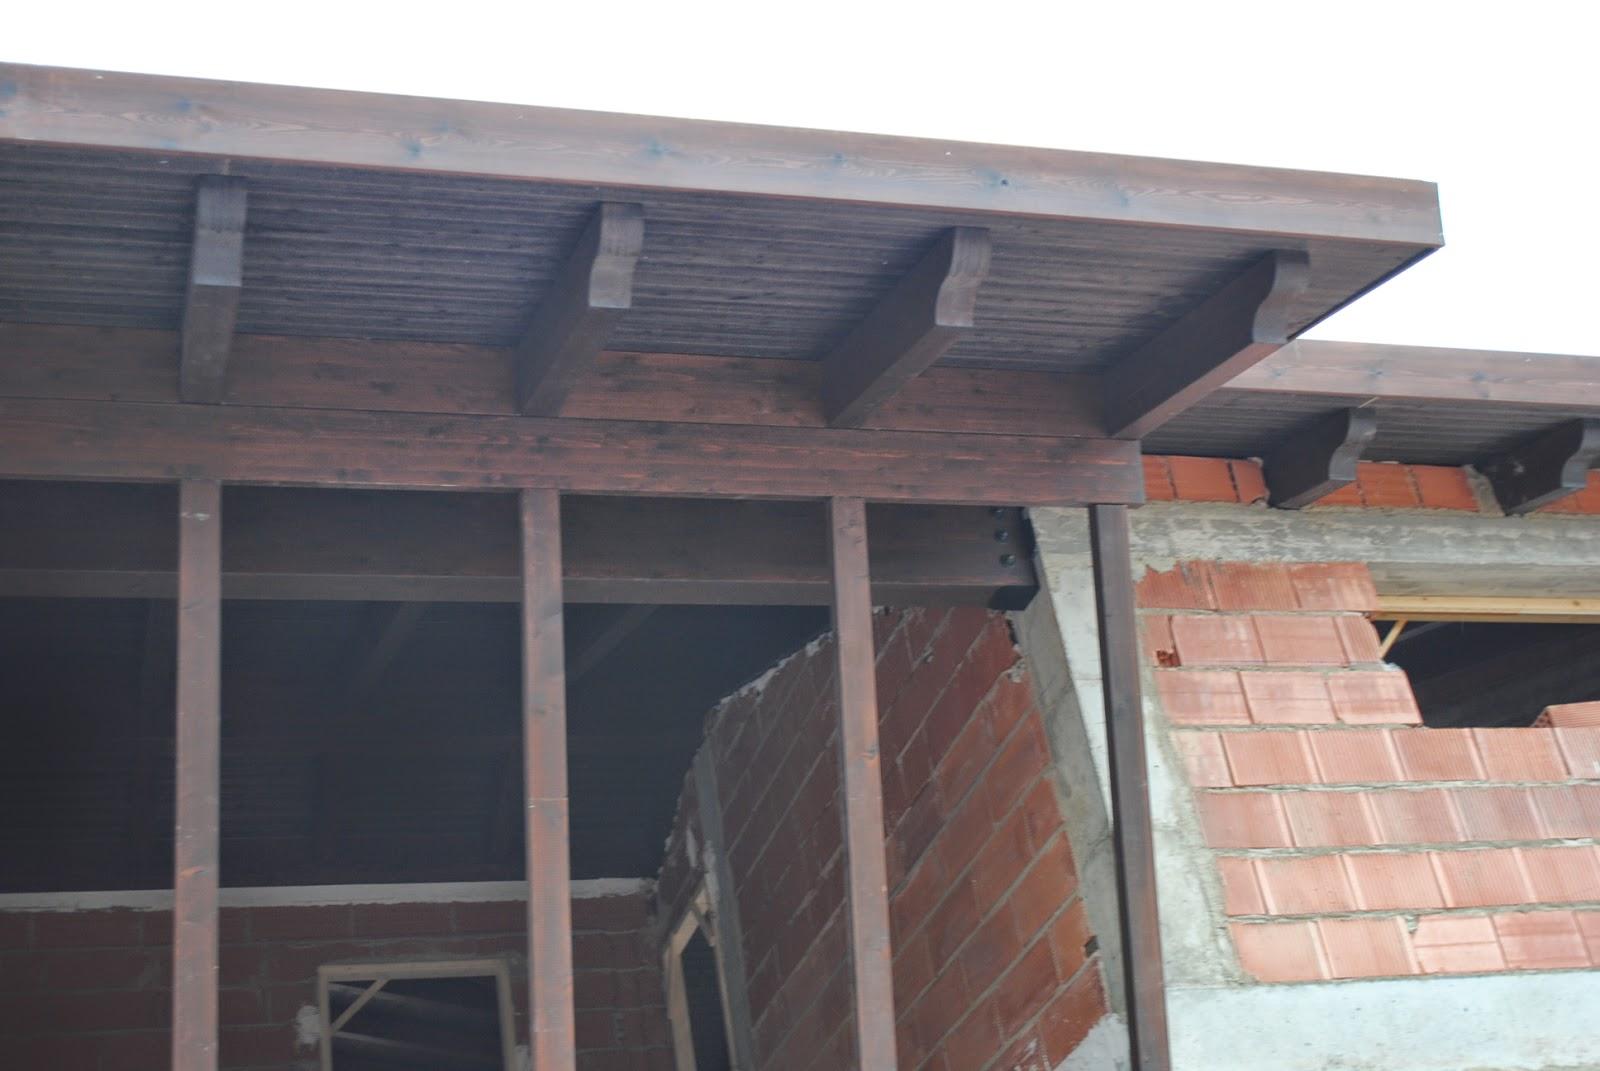 Ventanal de madera mecanizada en su interior